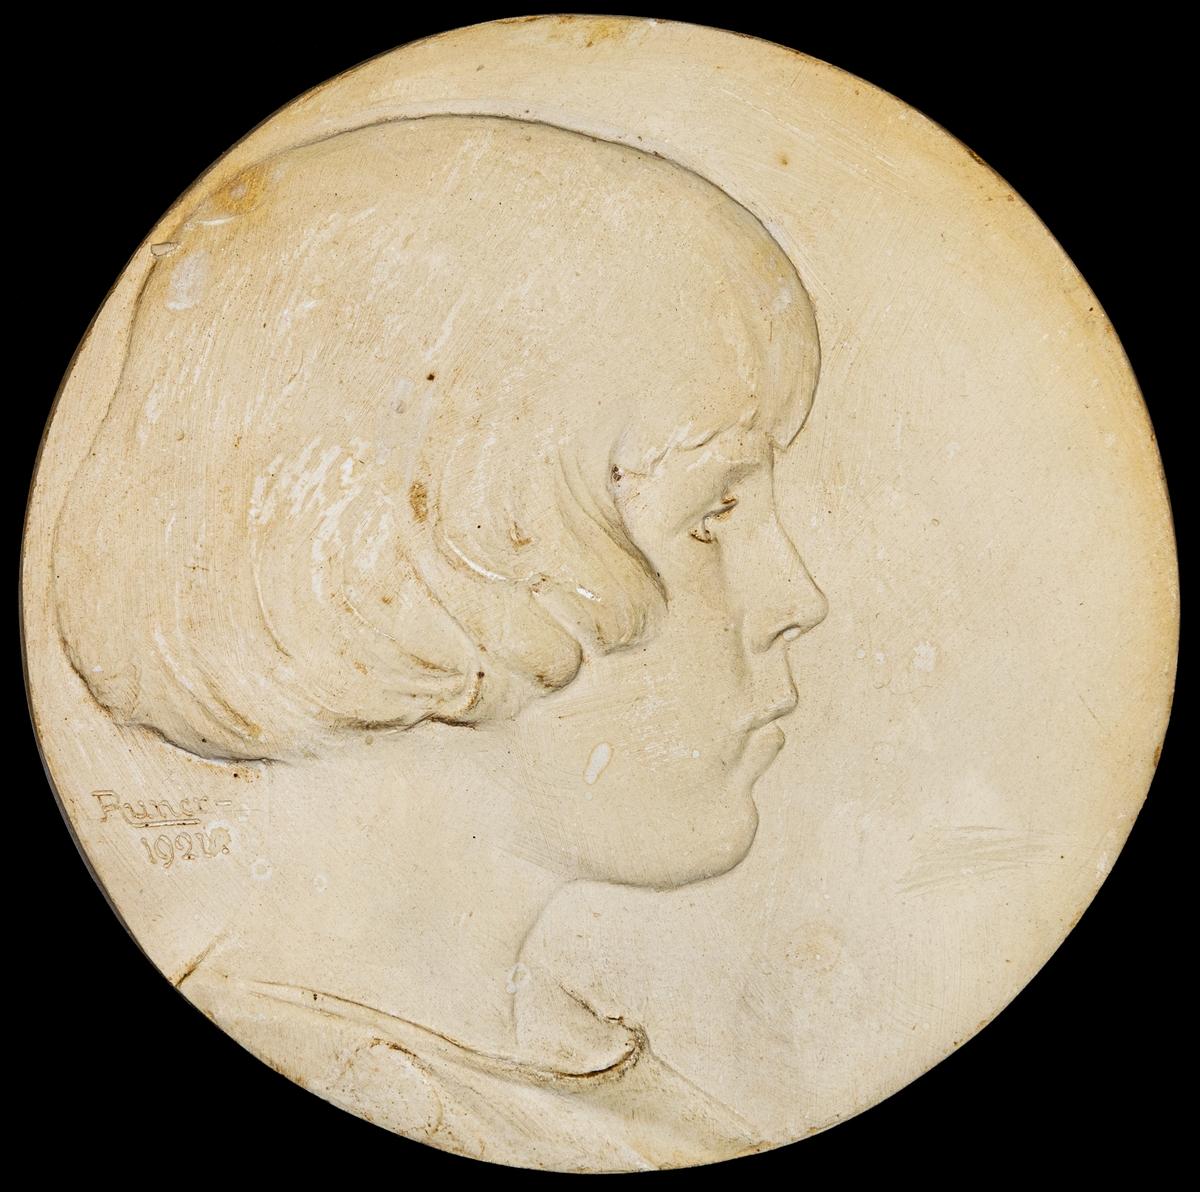 Barnporträtt. Signerad: Runer 1921.